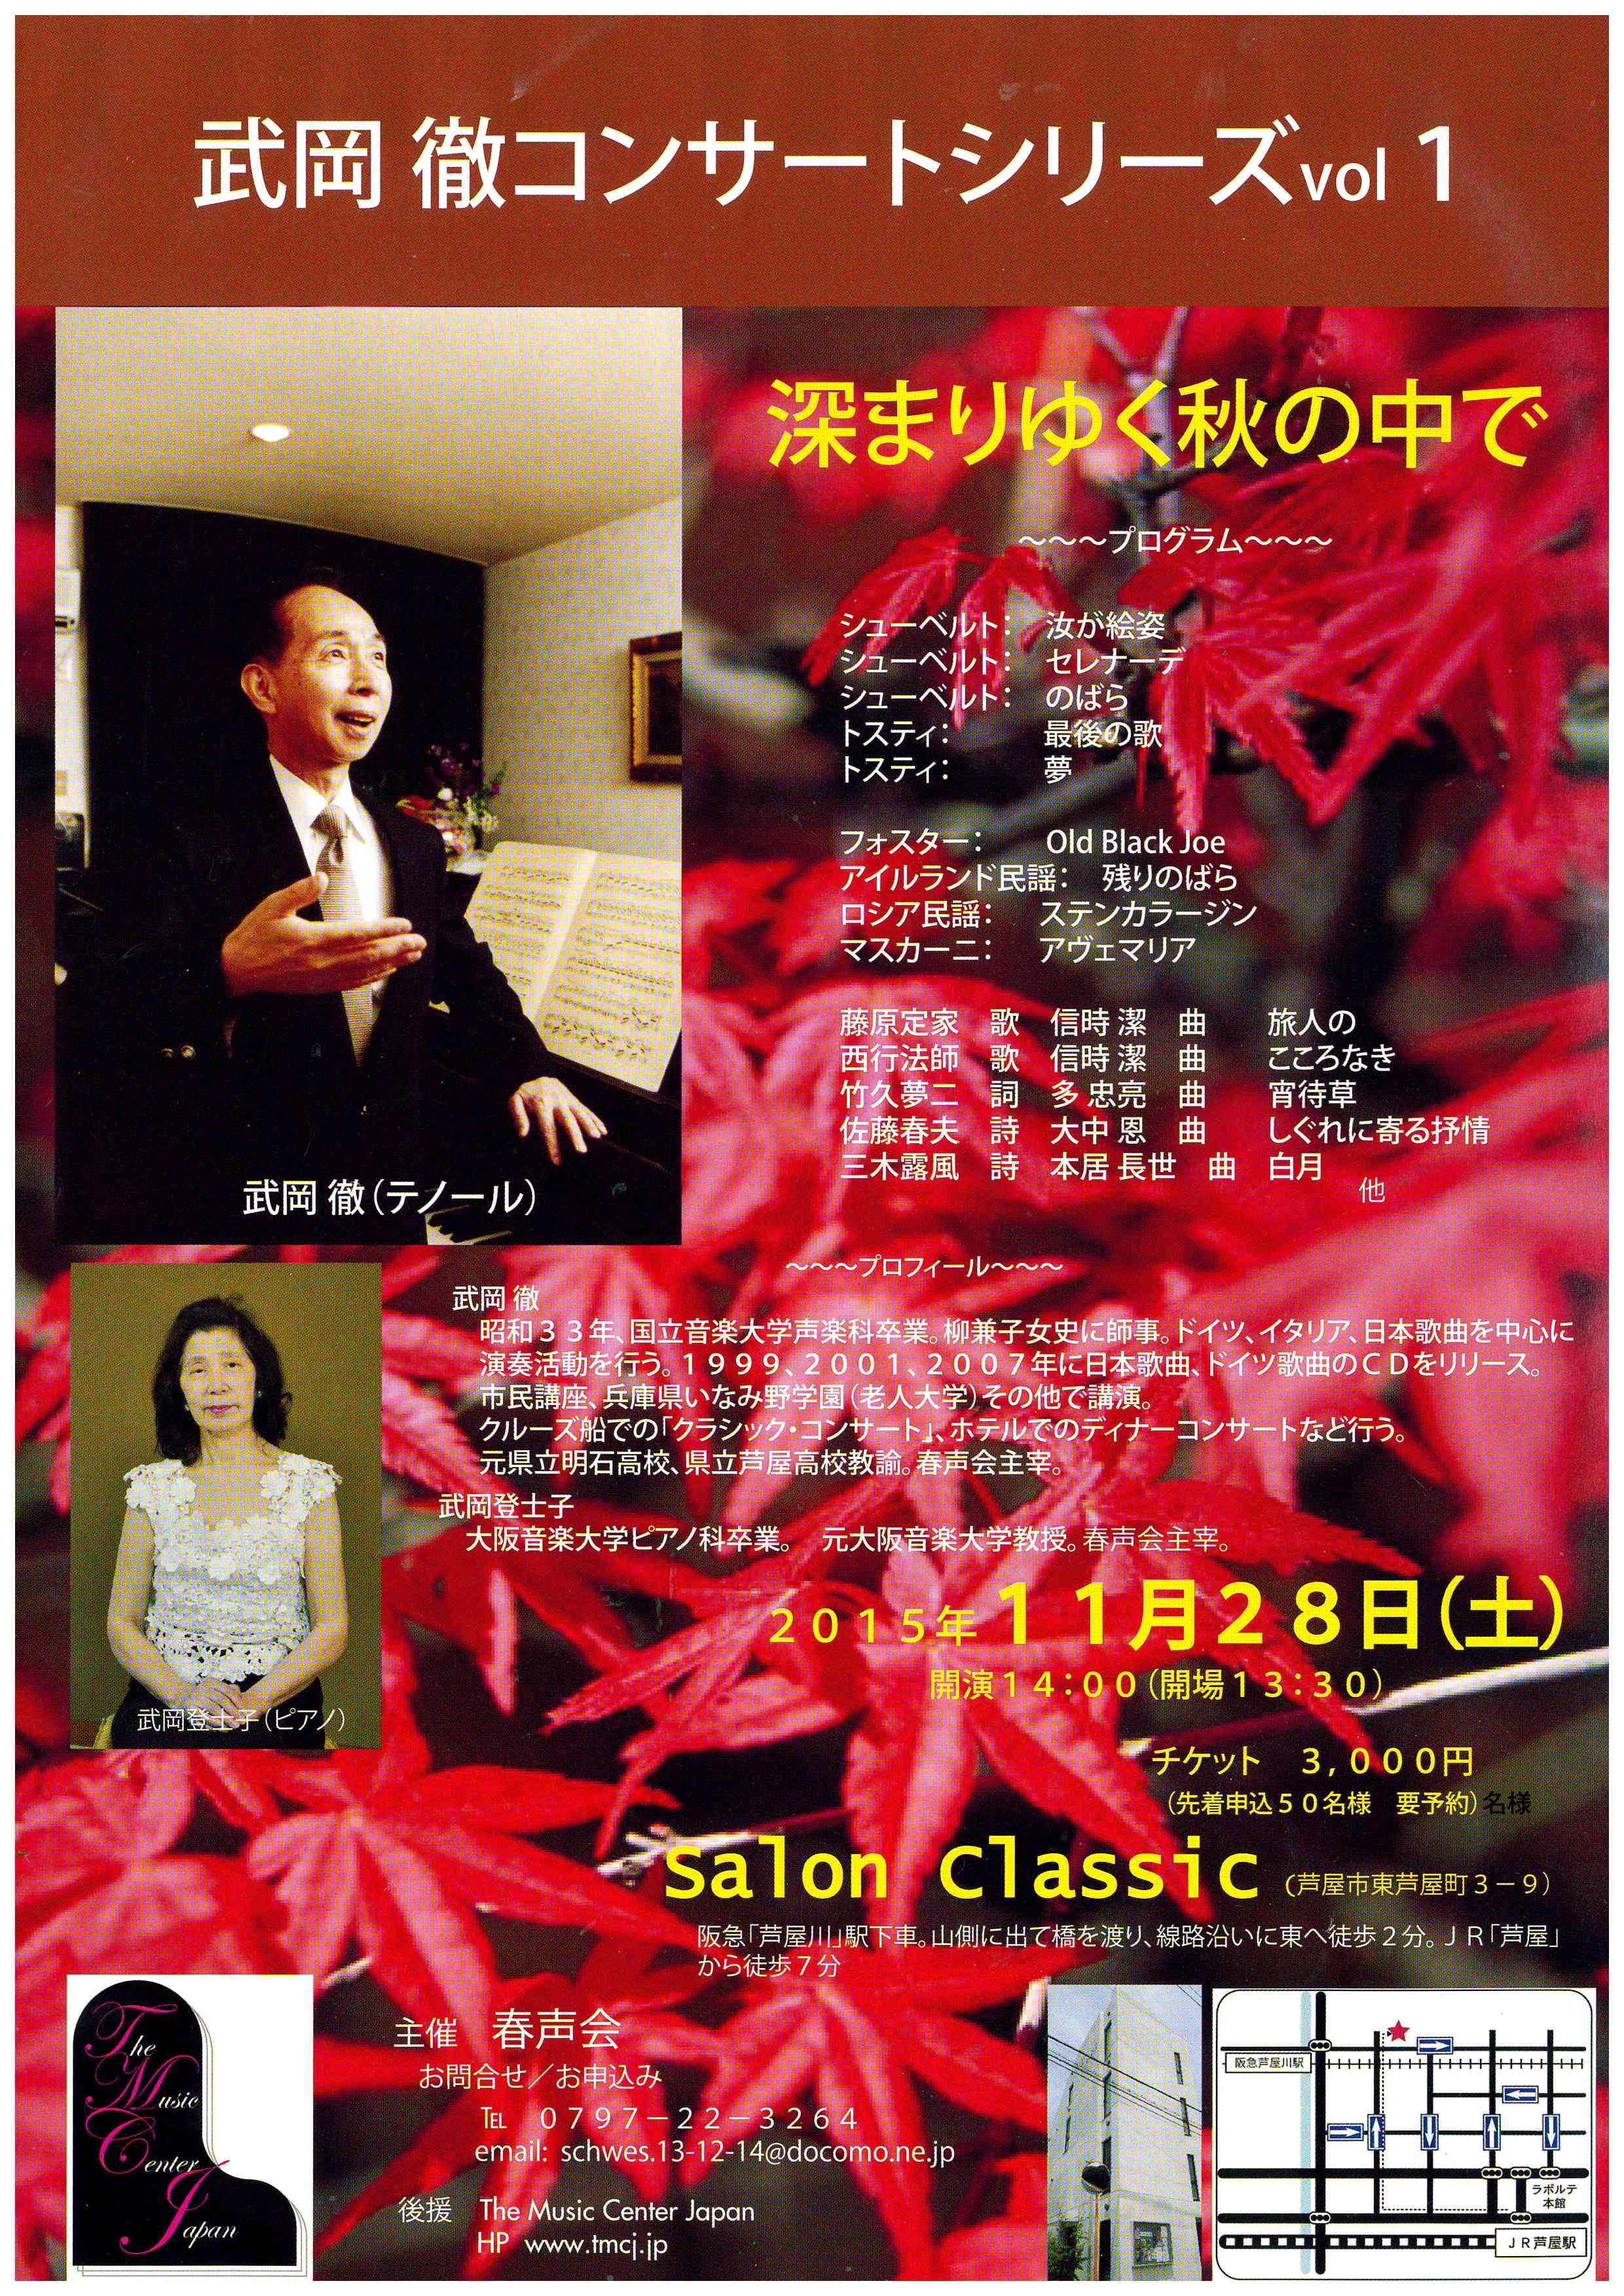 8期生 武岡徹さんのコンサート